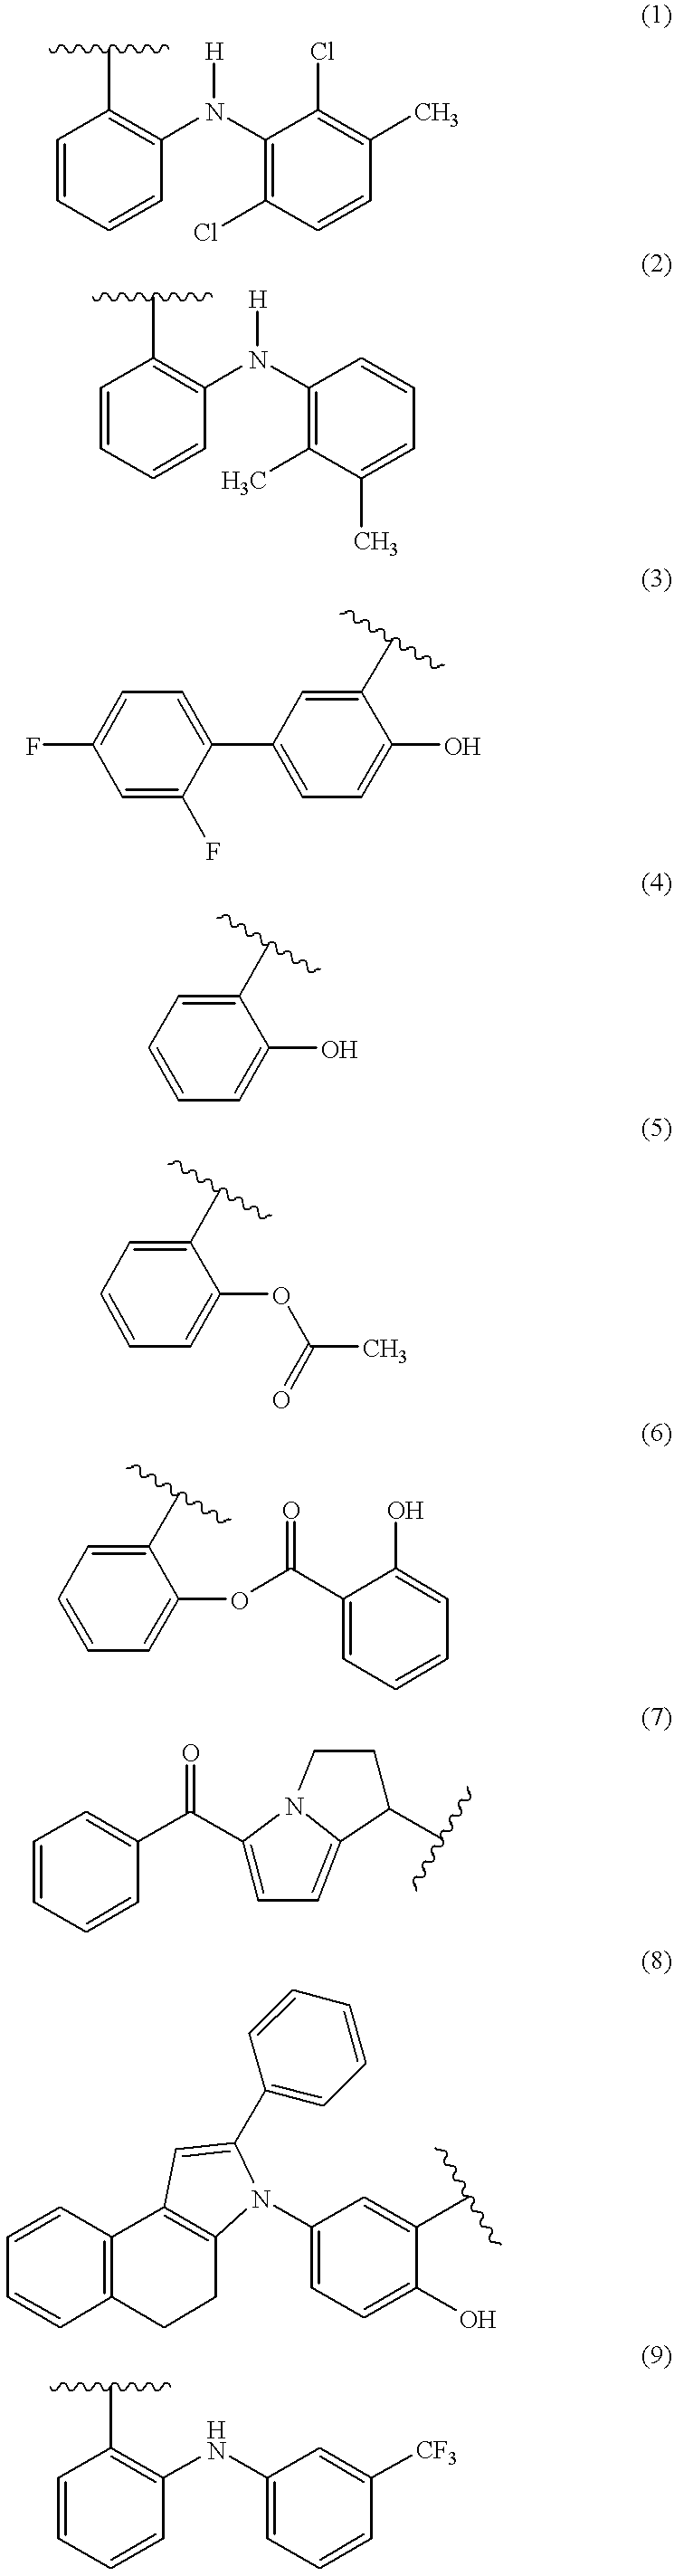 Figure US06297260-20011002-C00010